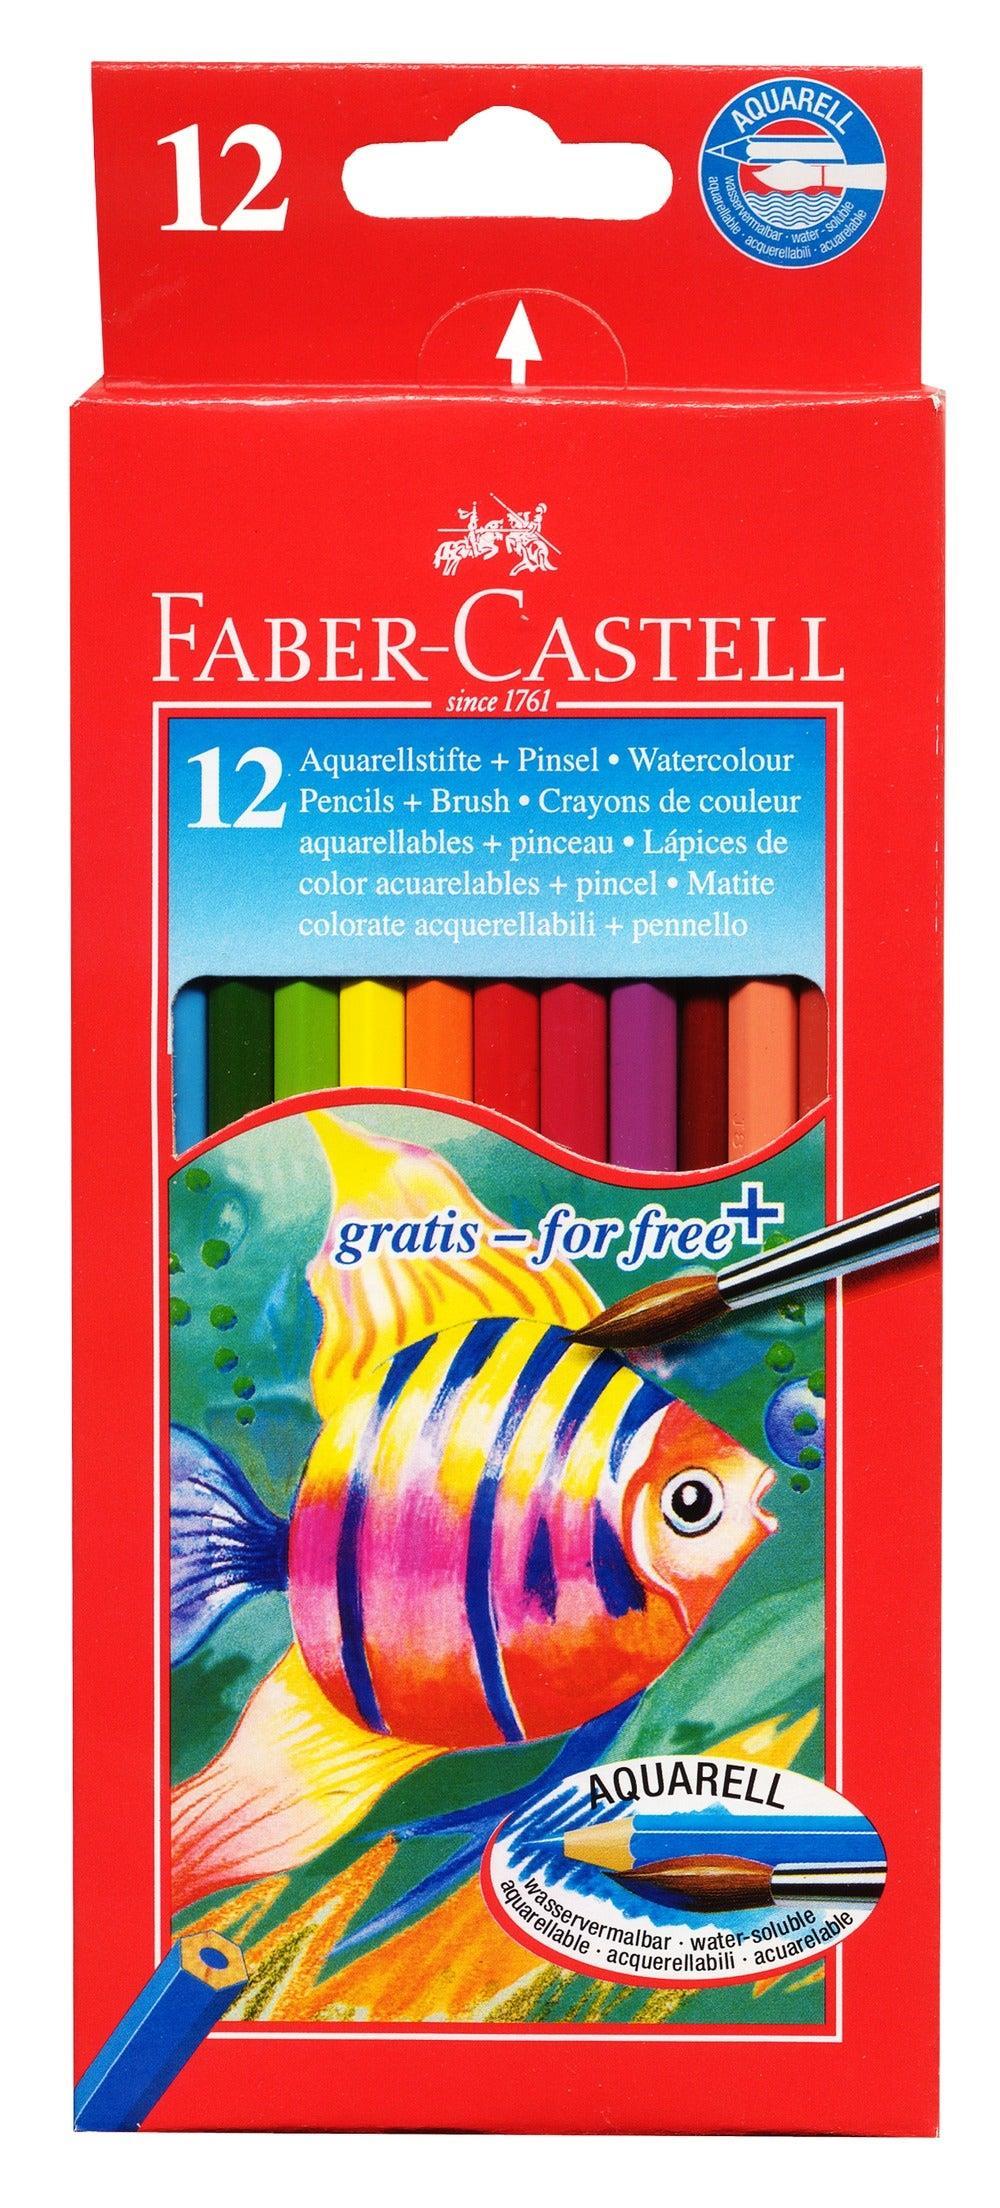 Ξυλομπογιές Faber Castel Aquarell 12 χρωμάτων - 1